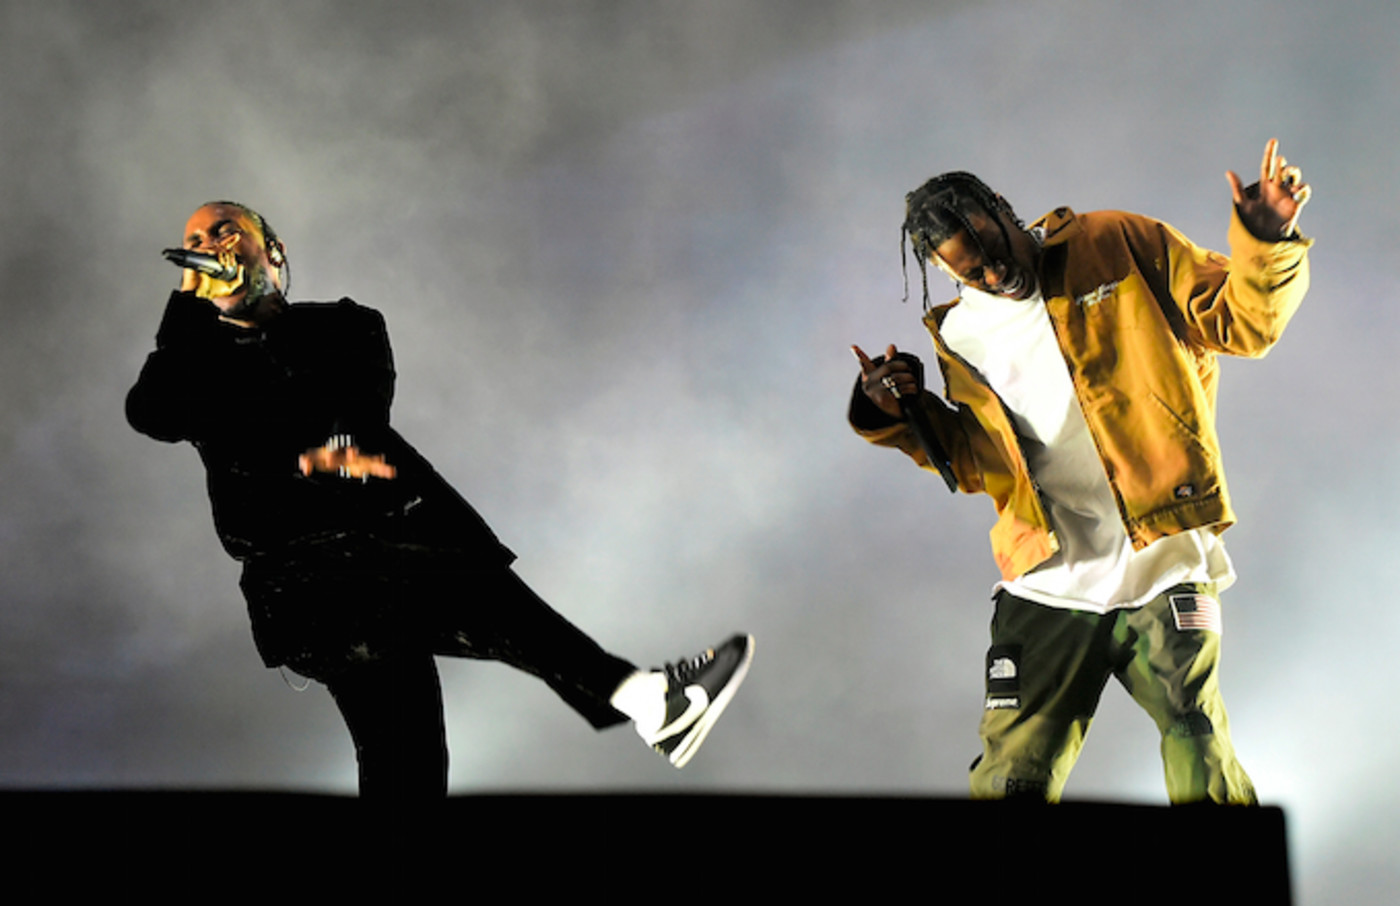 Kendrick Lamar and Travis Scott